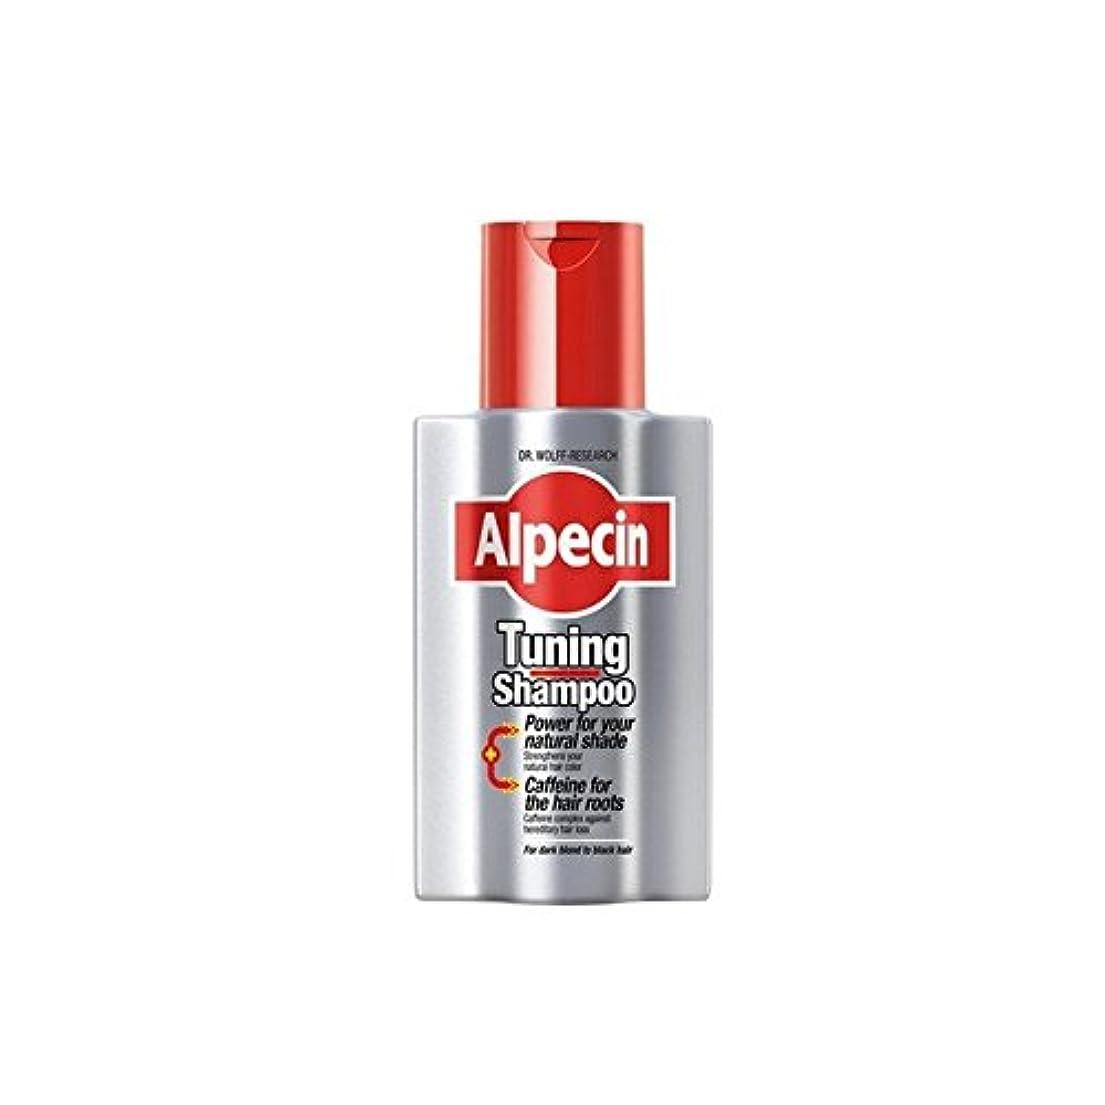 ジョージスティーブンソンマインドフル操るAlpecin Tuning Shampoo (200ml) - チューニングシャンプー(200ミリリットル) [並行輸入品]